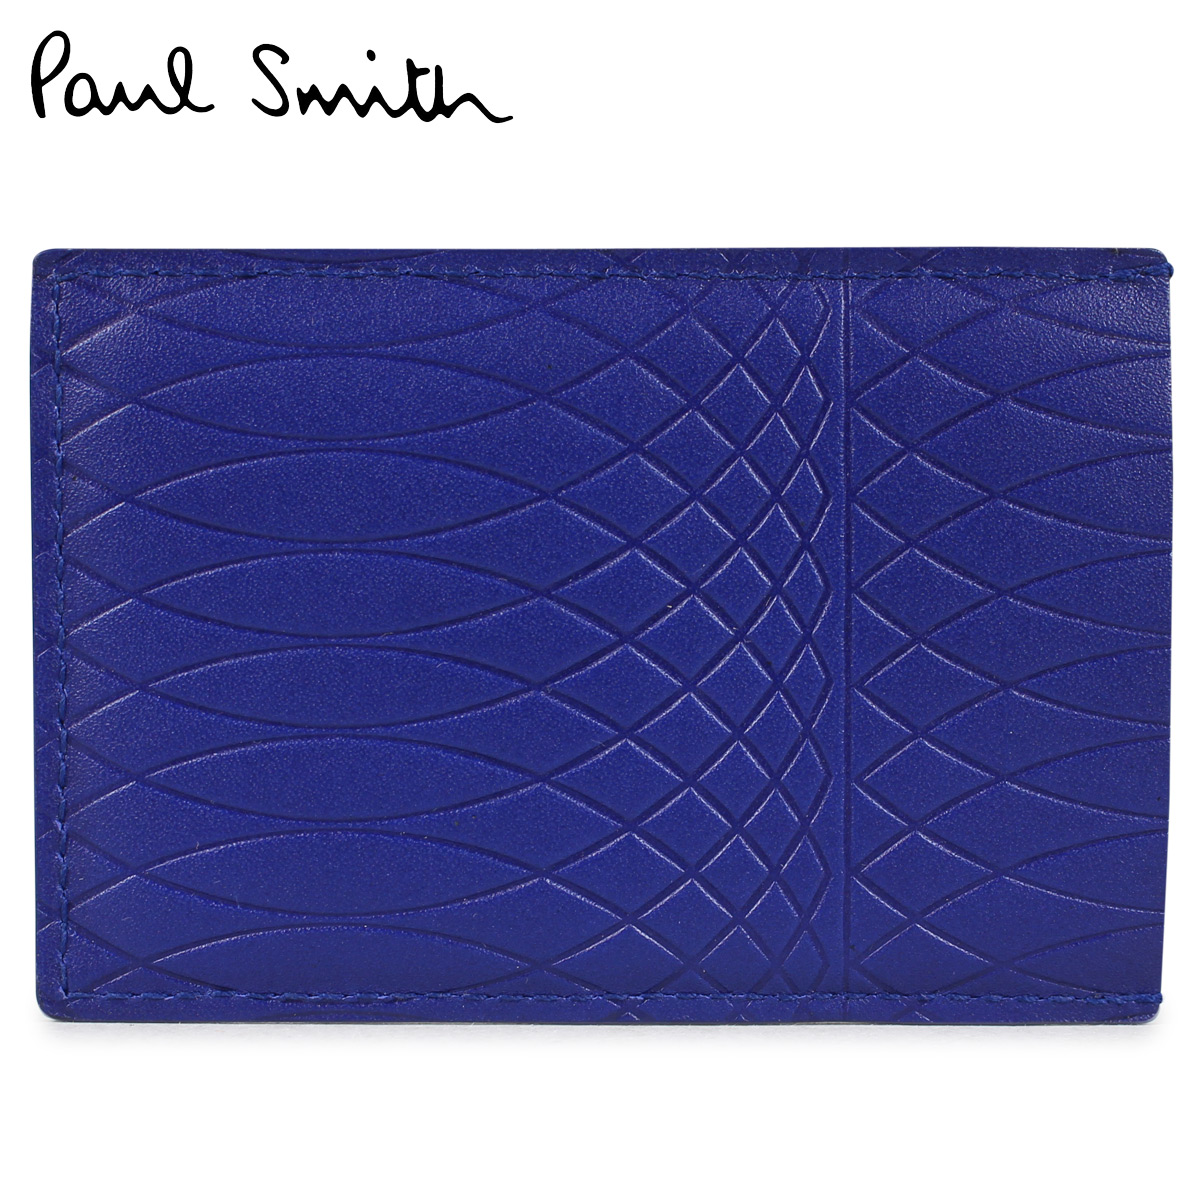 ポールスミス 名刺入れ カードケース メンズ Paul Smith MENS CASE CREDIT CARD HOLDER NO.9 ANXA 4768 W787 ブルー